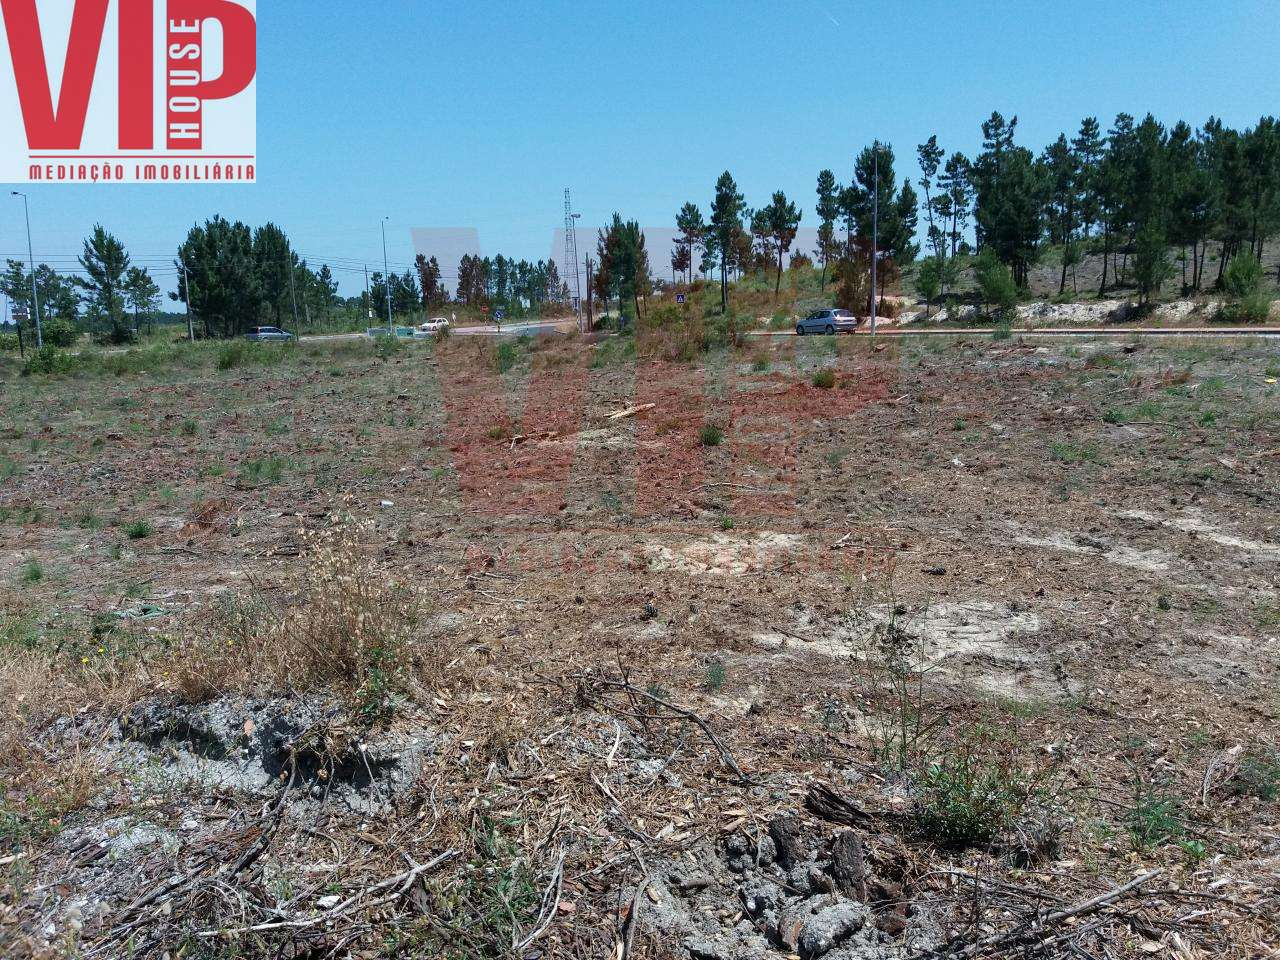 Terreno para comprar, Corroios, Seixal, Setúbal - Foto 14